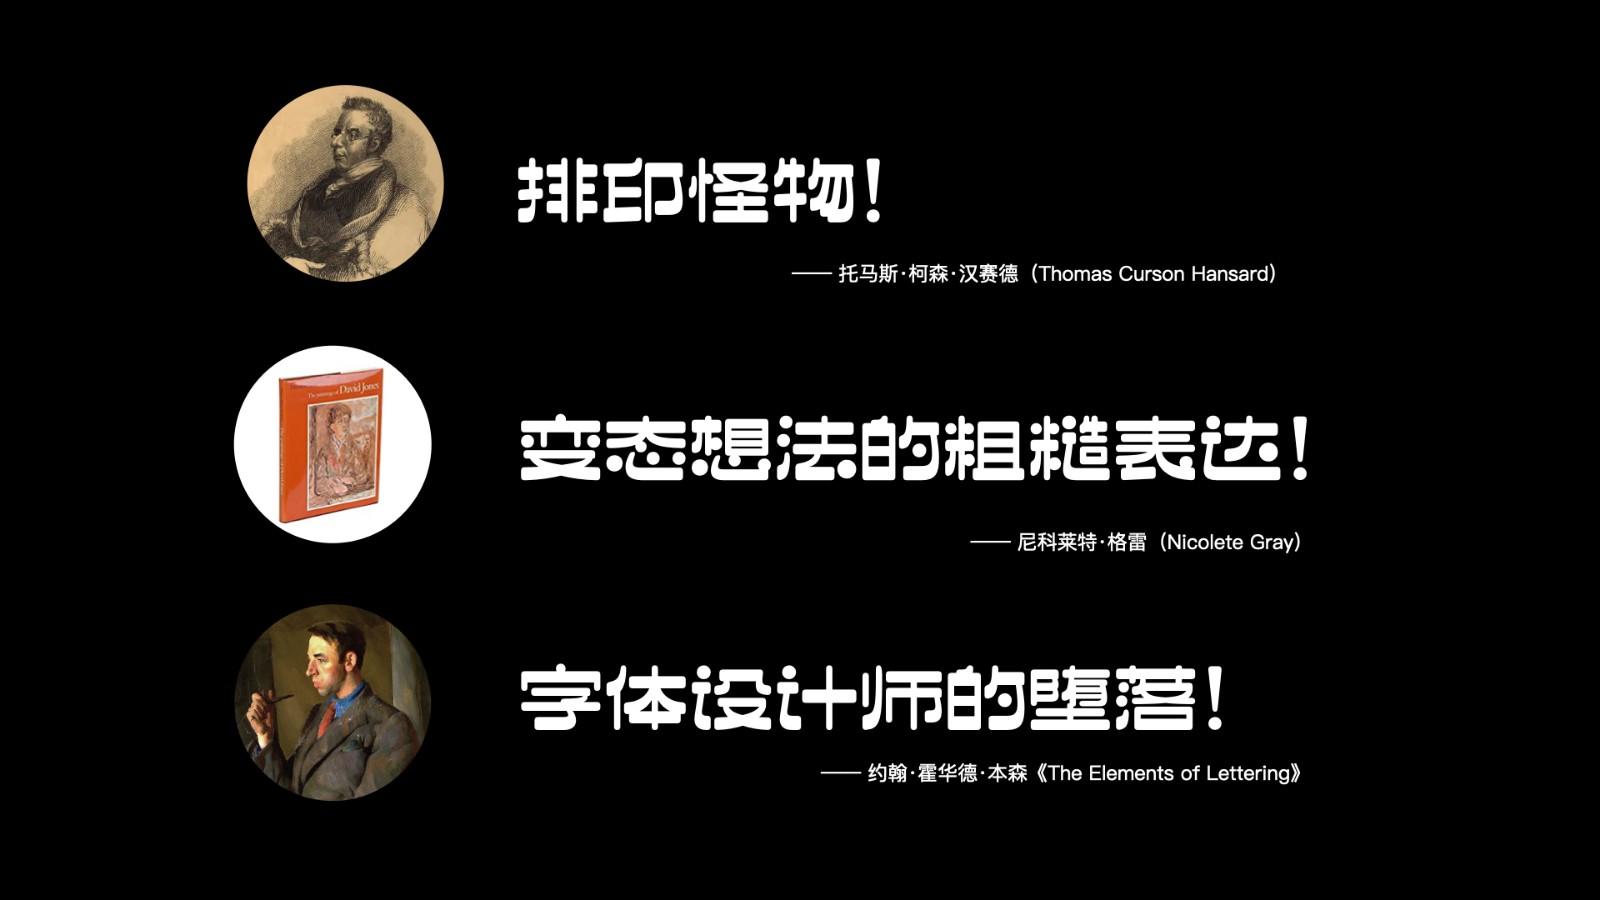 https://ft-bk1.oss-cn-zhangjiakou.aliyuncs.com/Public/Uploads/img/n_content_20201210110608_4063.jpeg